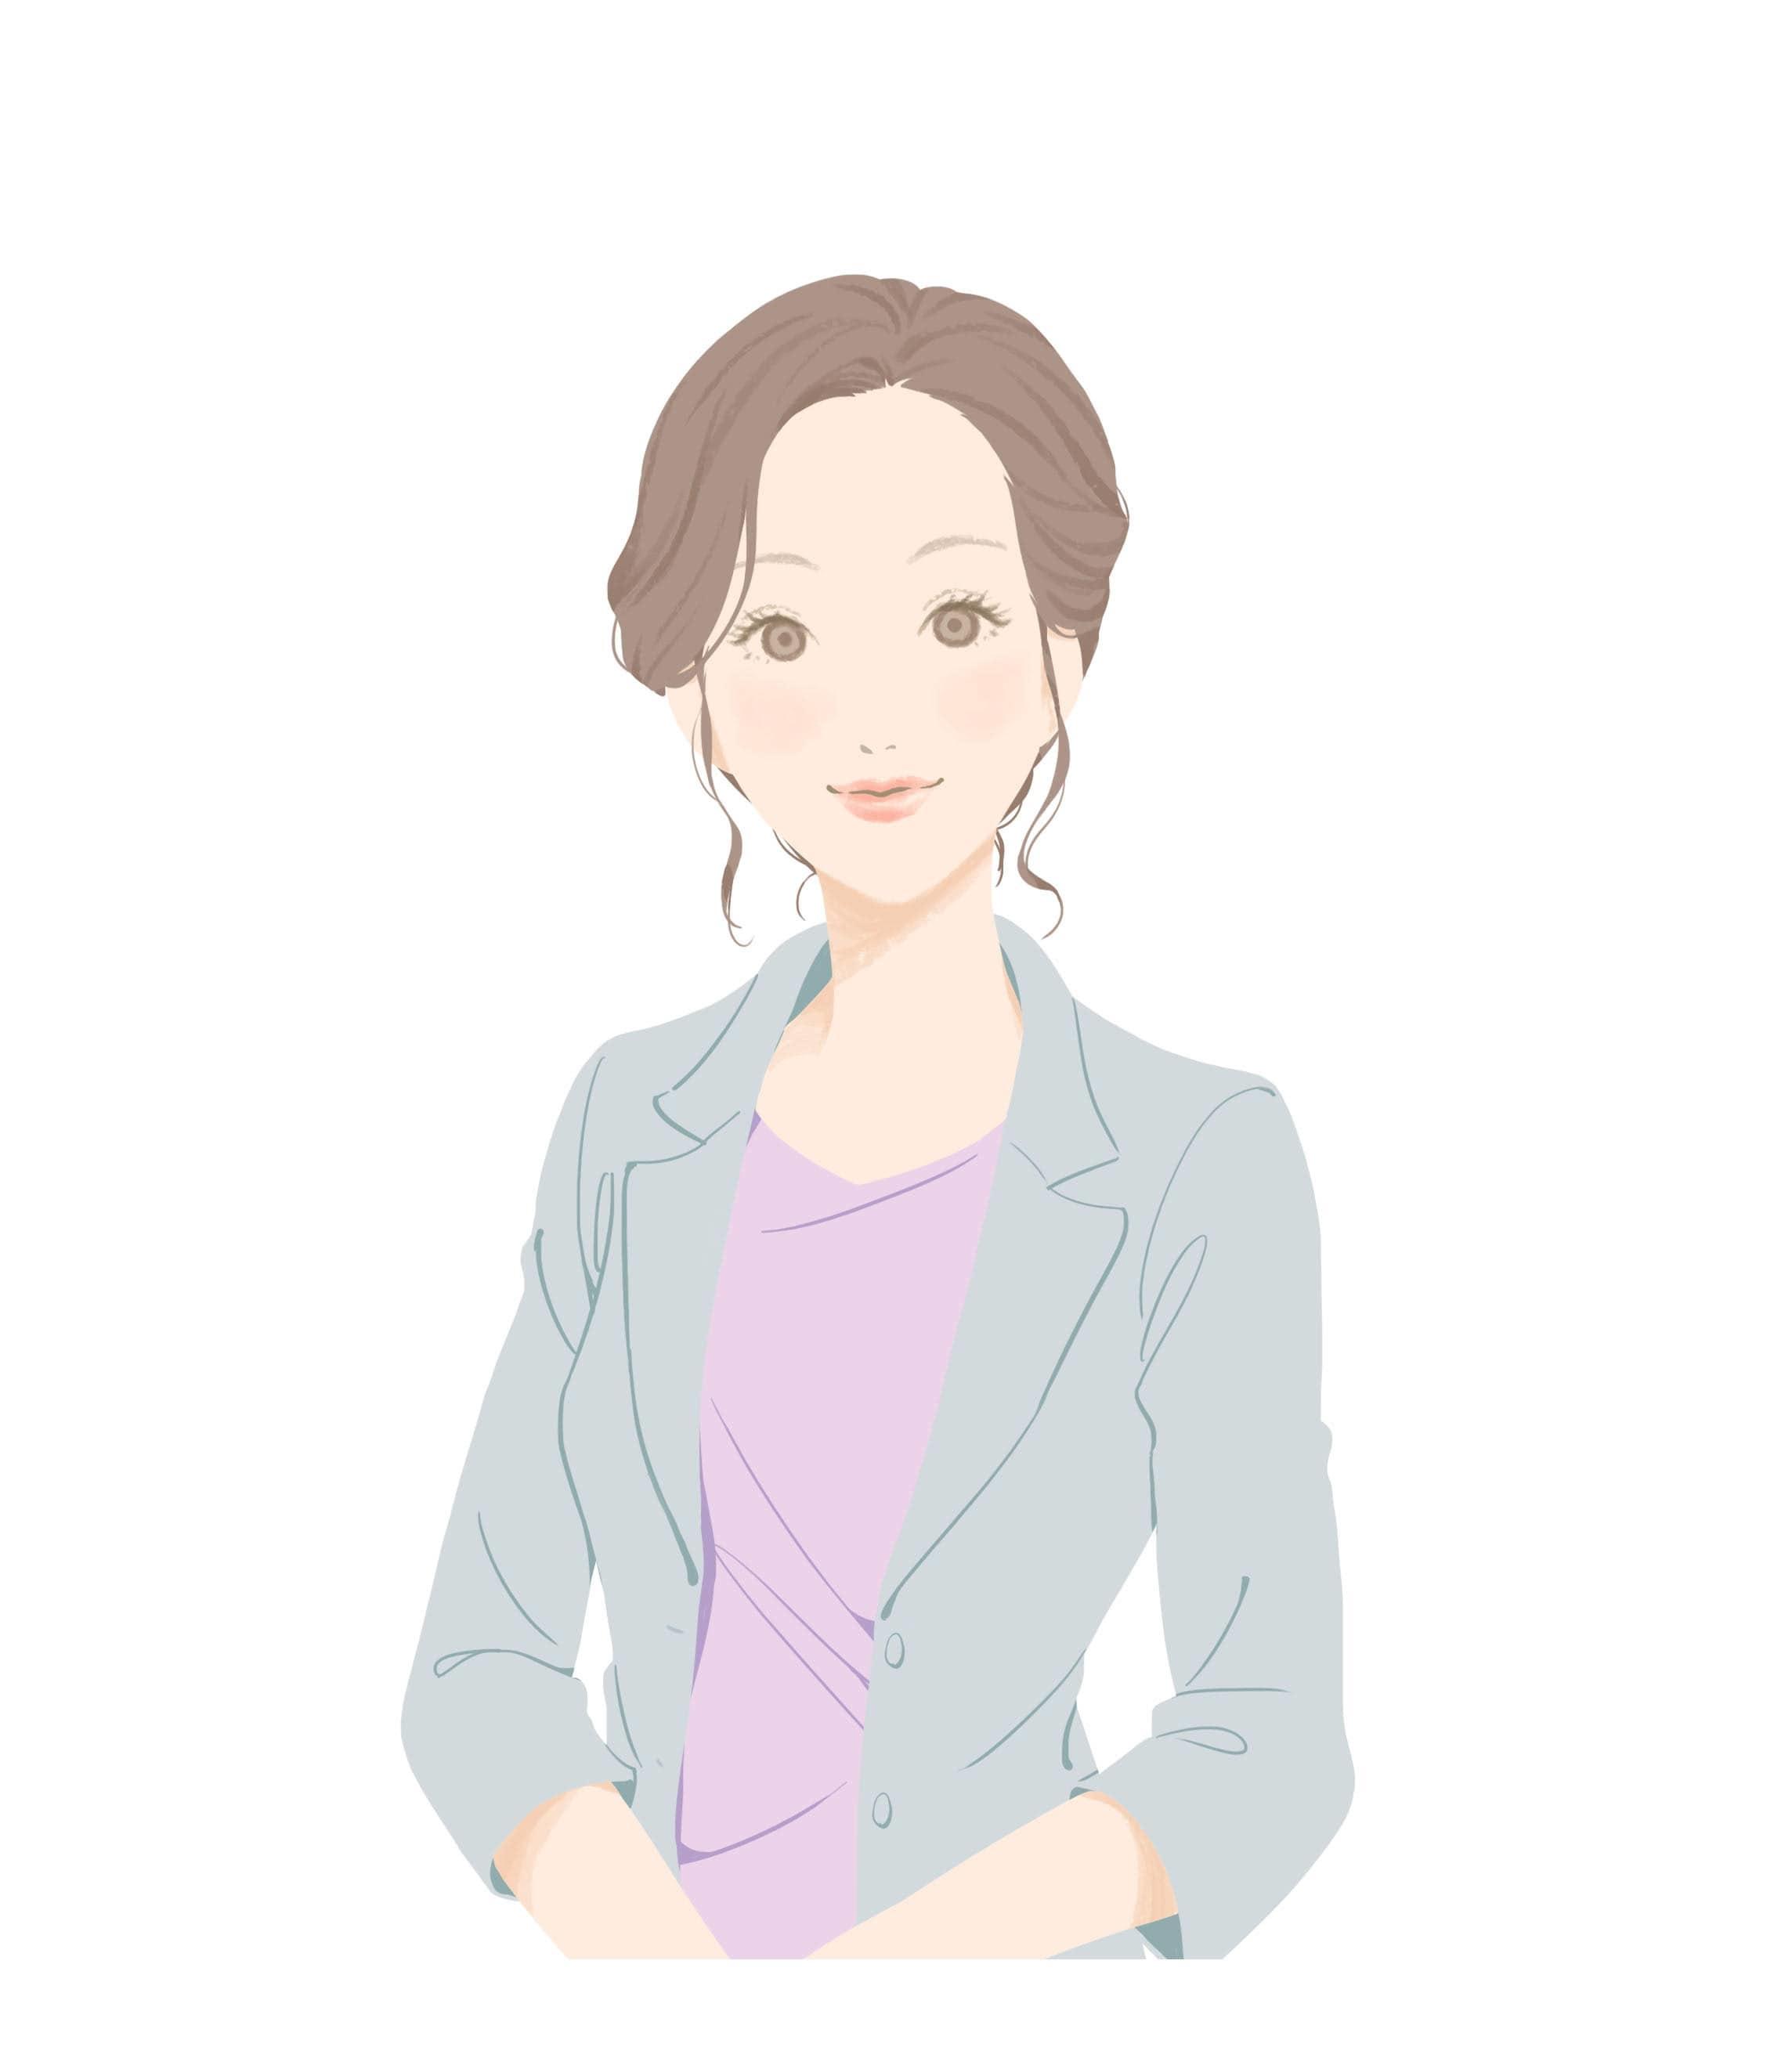 ユミコさん-min.jpg